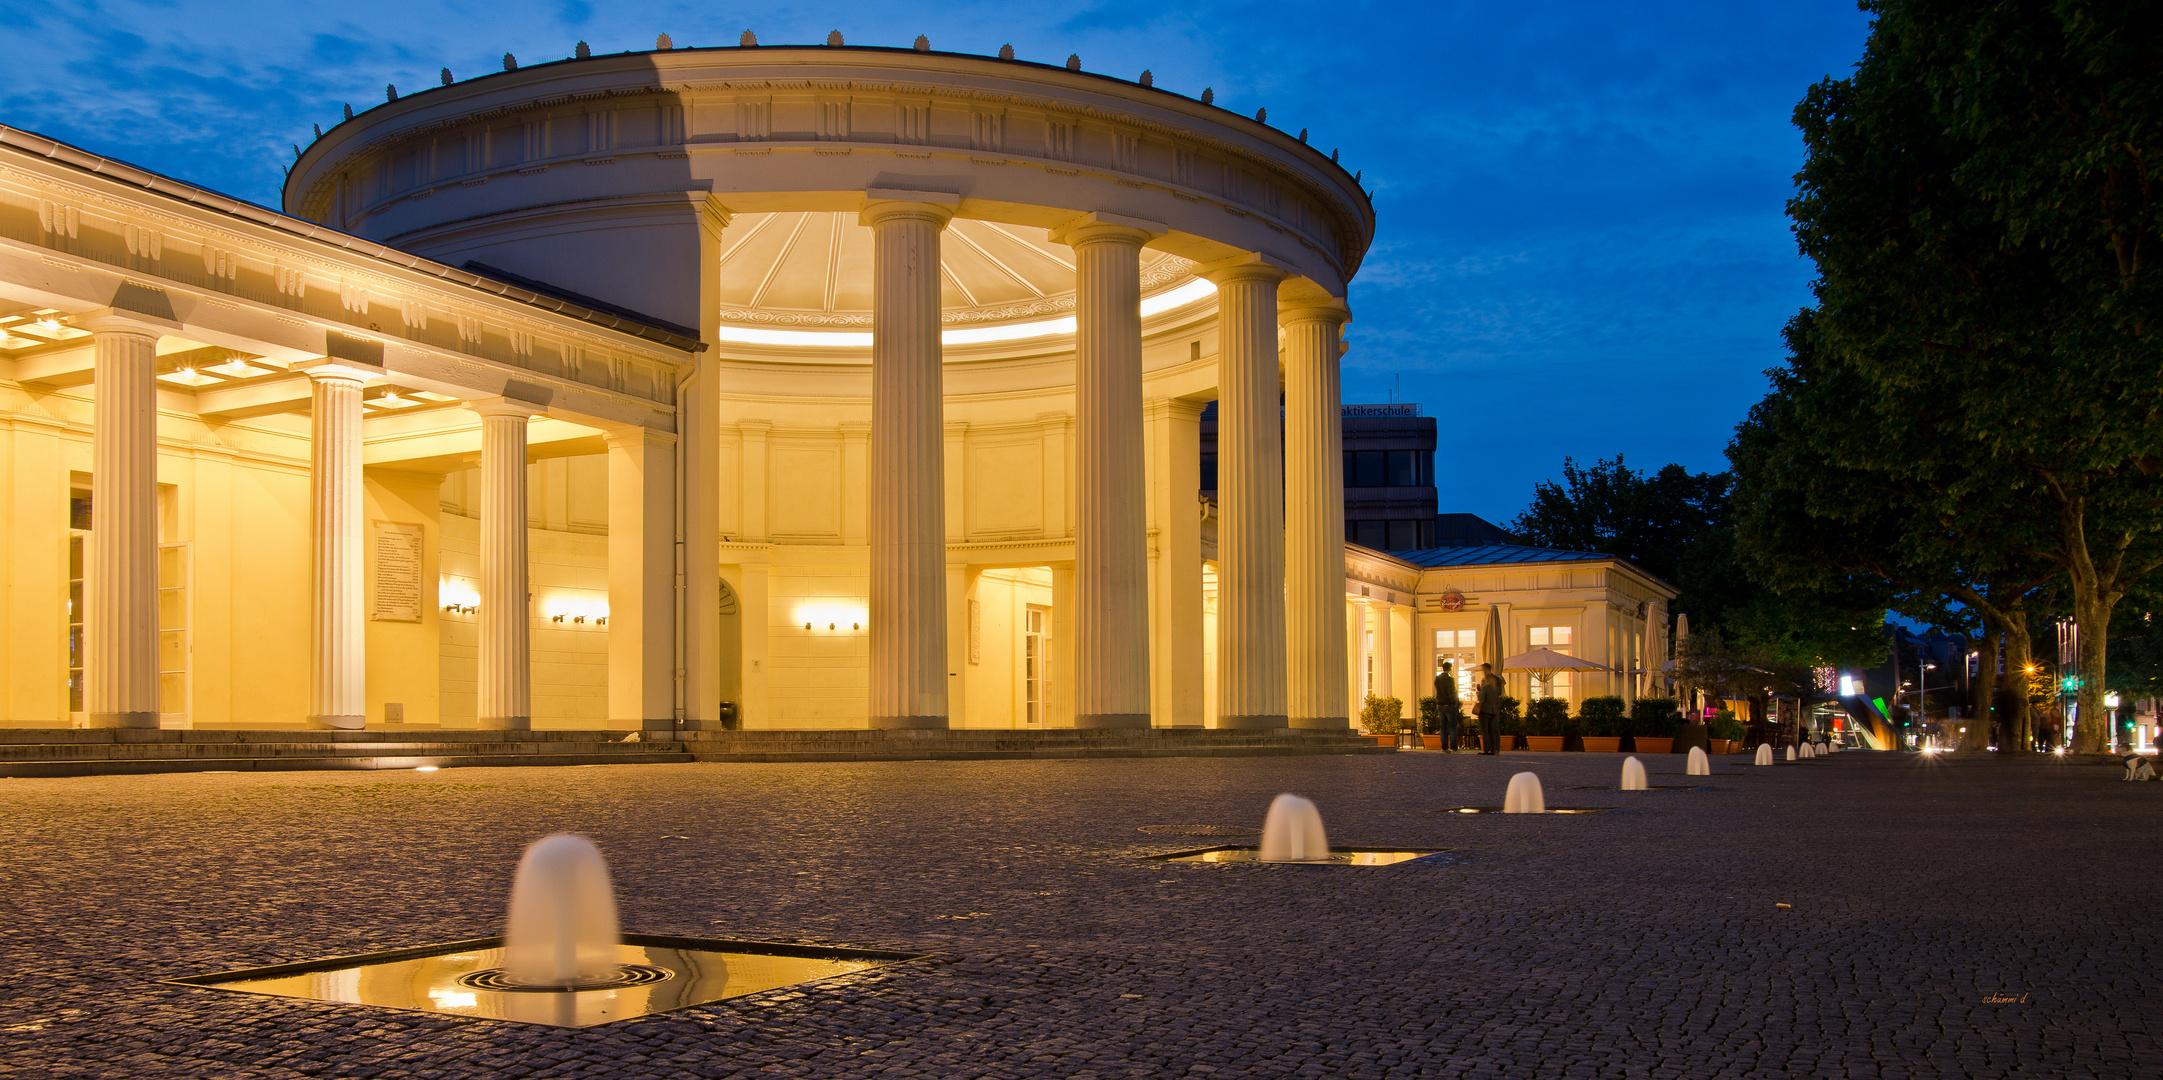 Elisenbrunnen aachen foto bild motive architektur bei for Architektur aachen